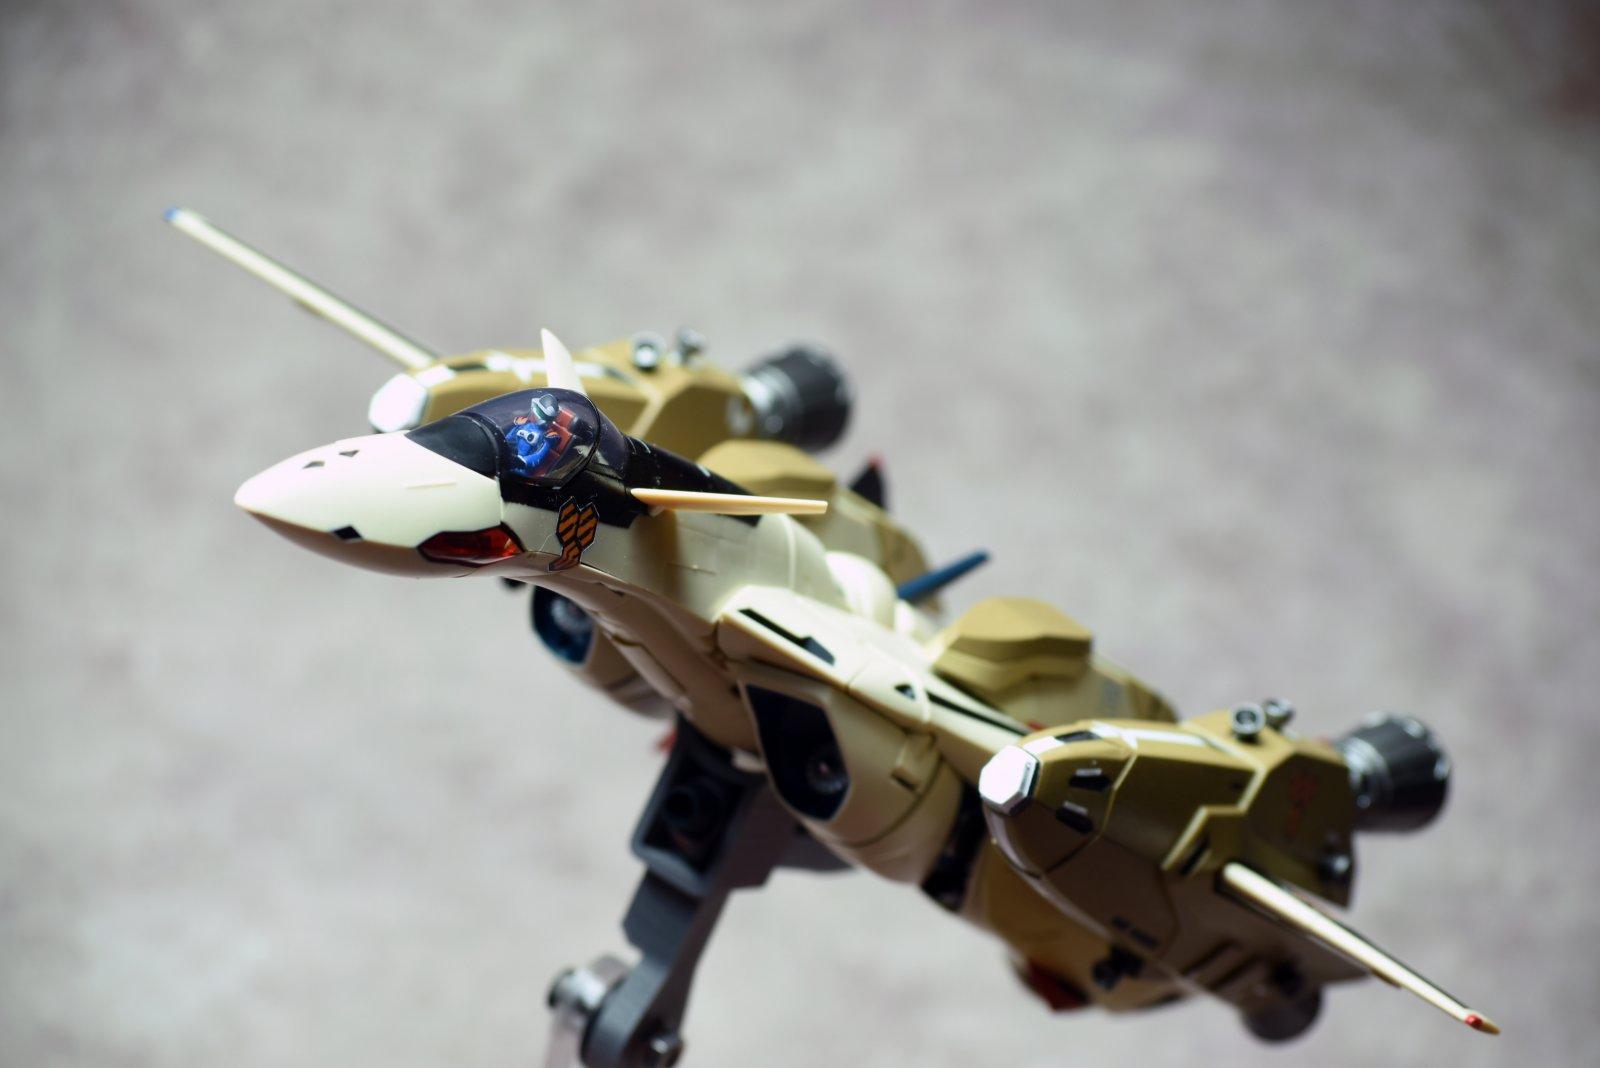 YF-19 w/TREX 7